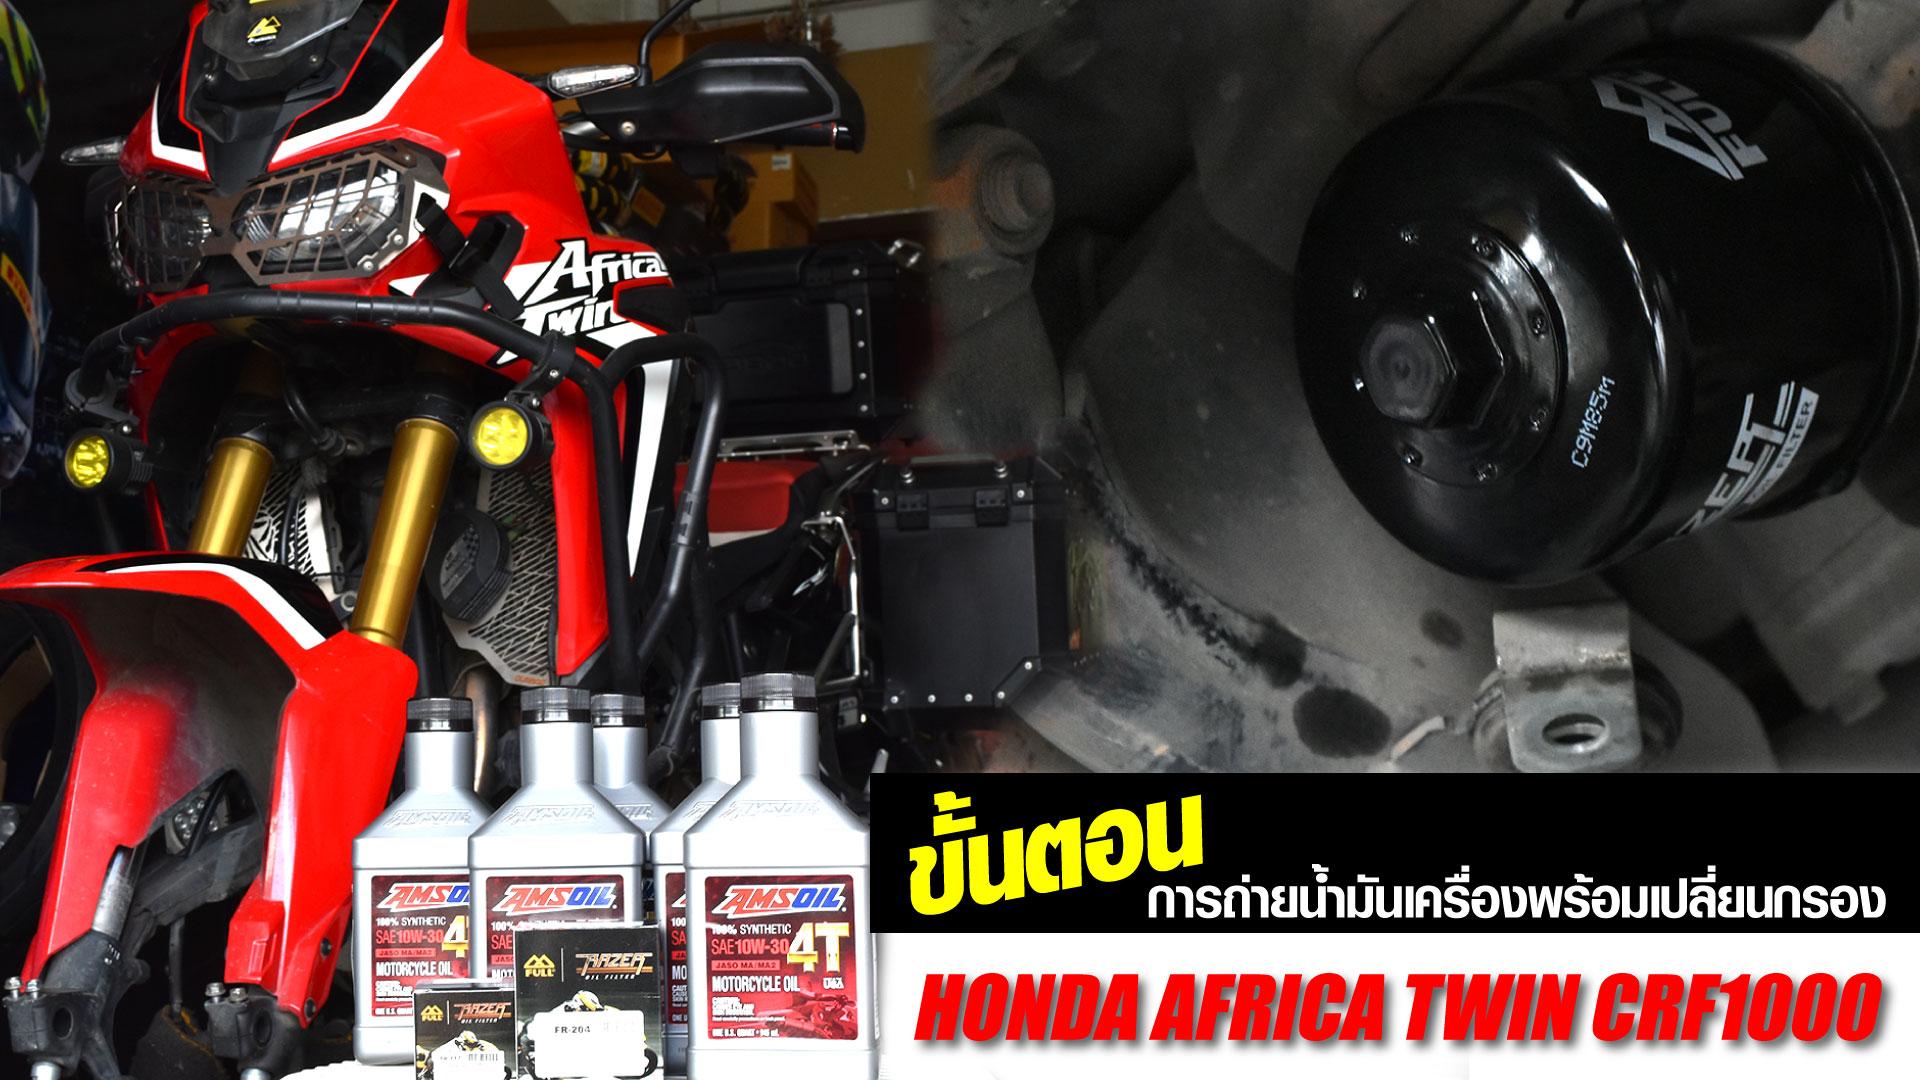 🔧 ขั้นตอนการถ่ายน้ำมันเครื่อง และเปลี่ยนกรอง 🏍 Honda Africa Twin CRF1000